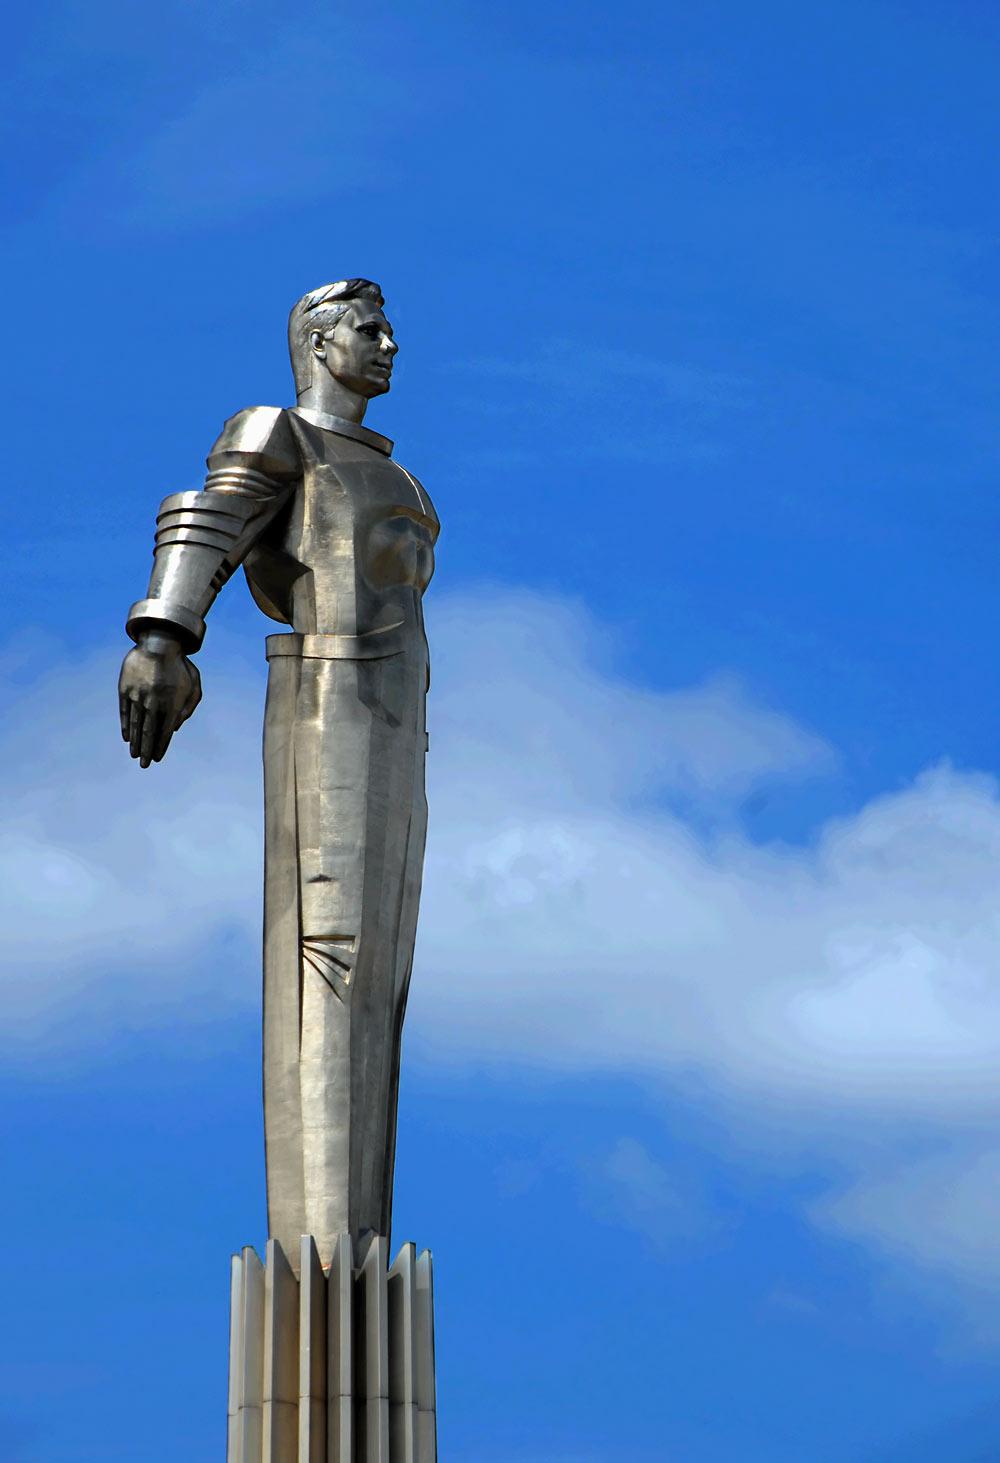 Памятник Юрию Гагарину, Москва, Россия, Европа